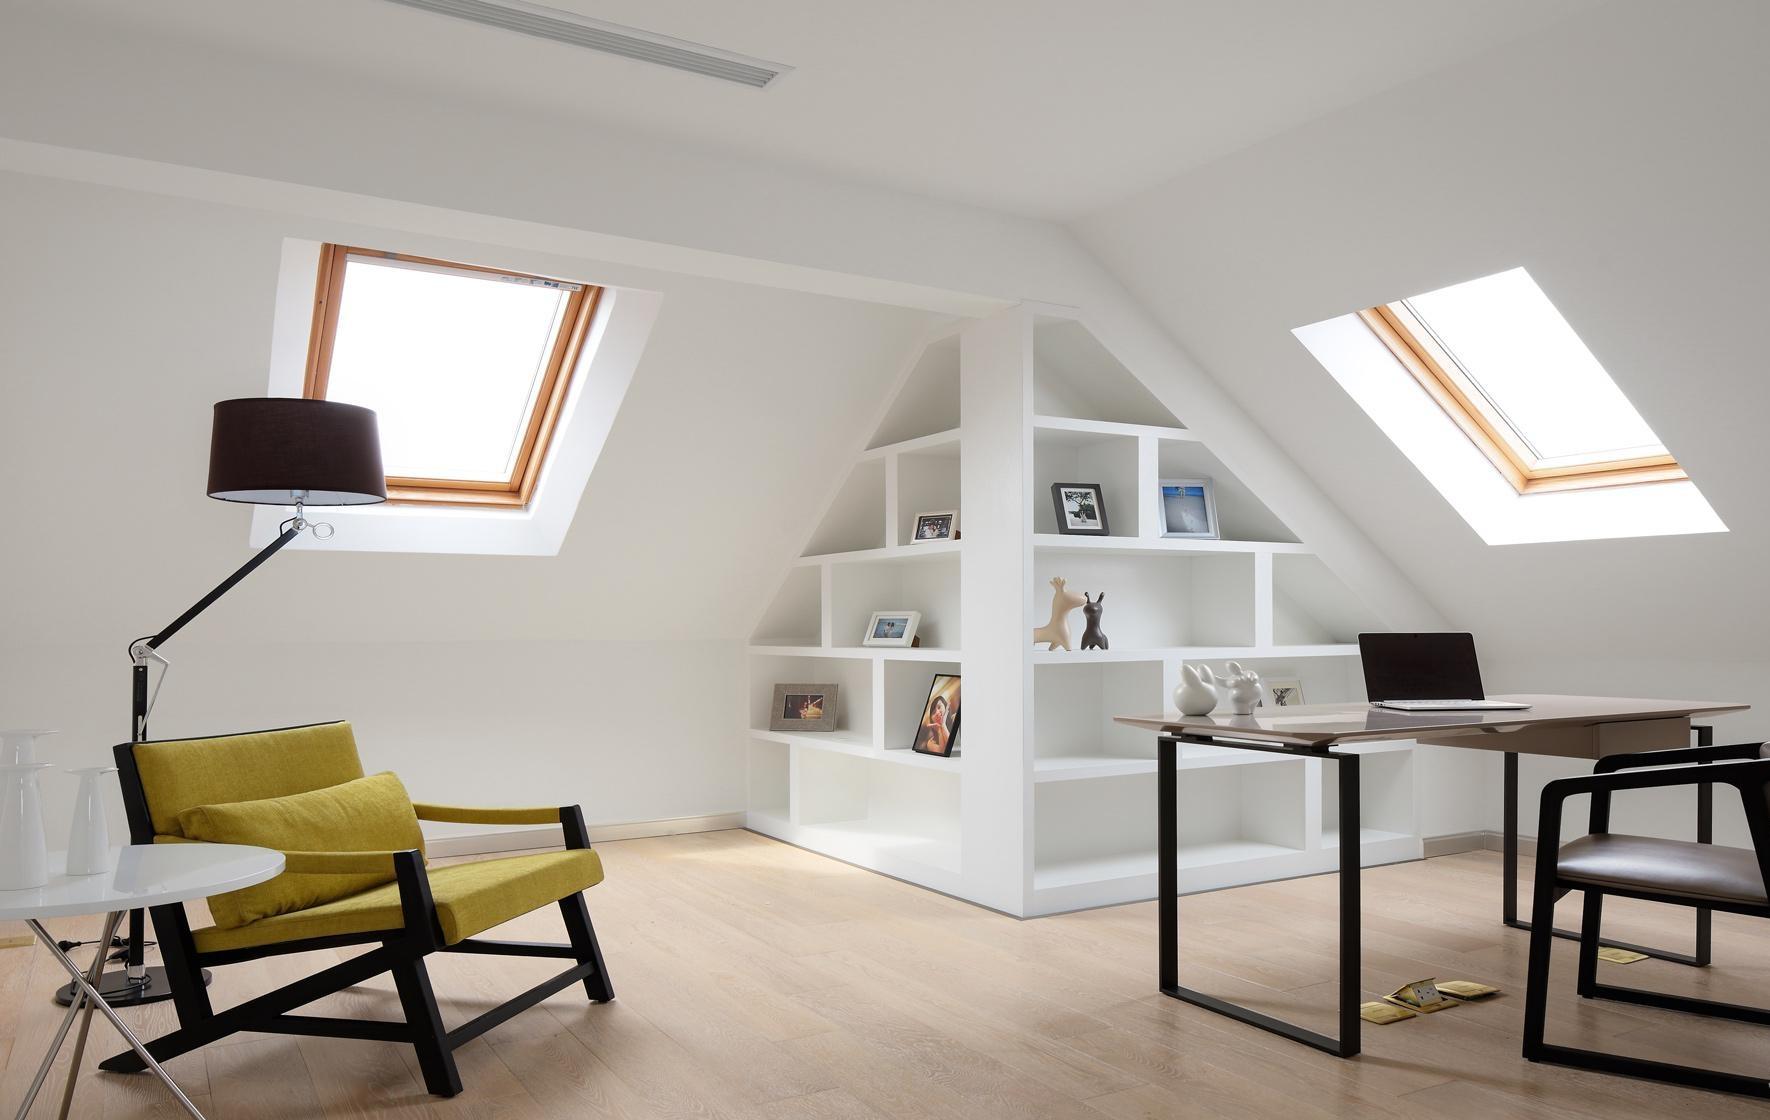 装修房子,哪些东西可以在网上买?